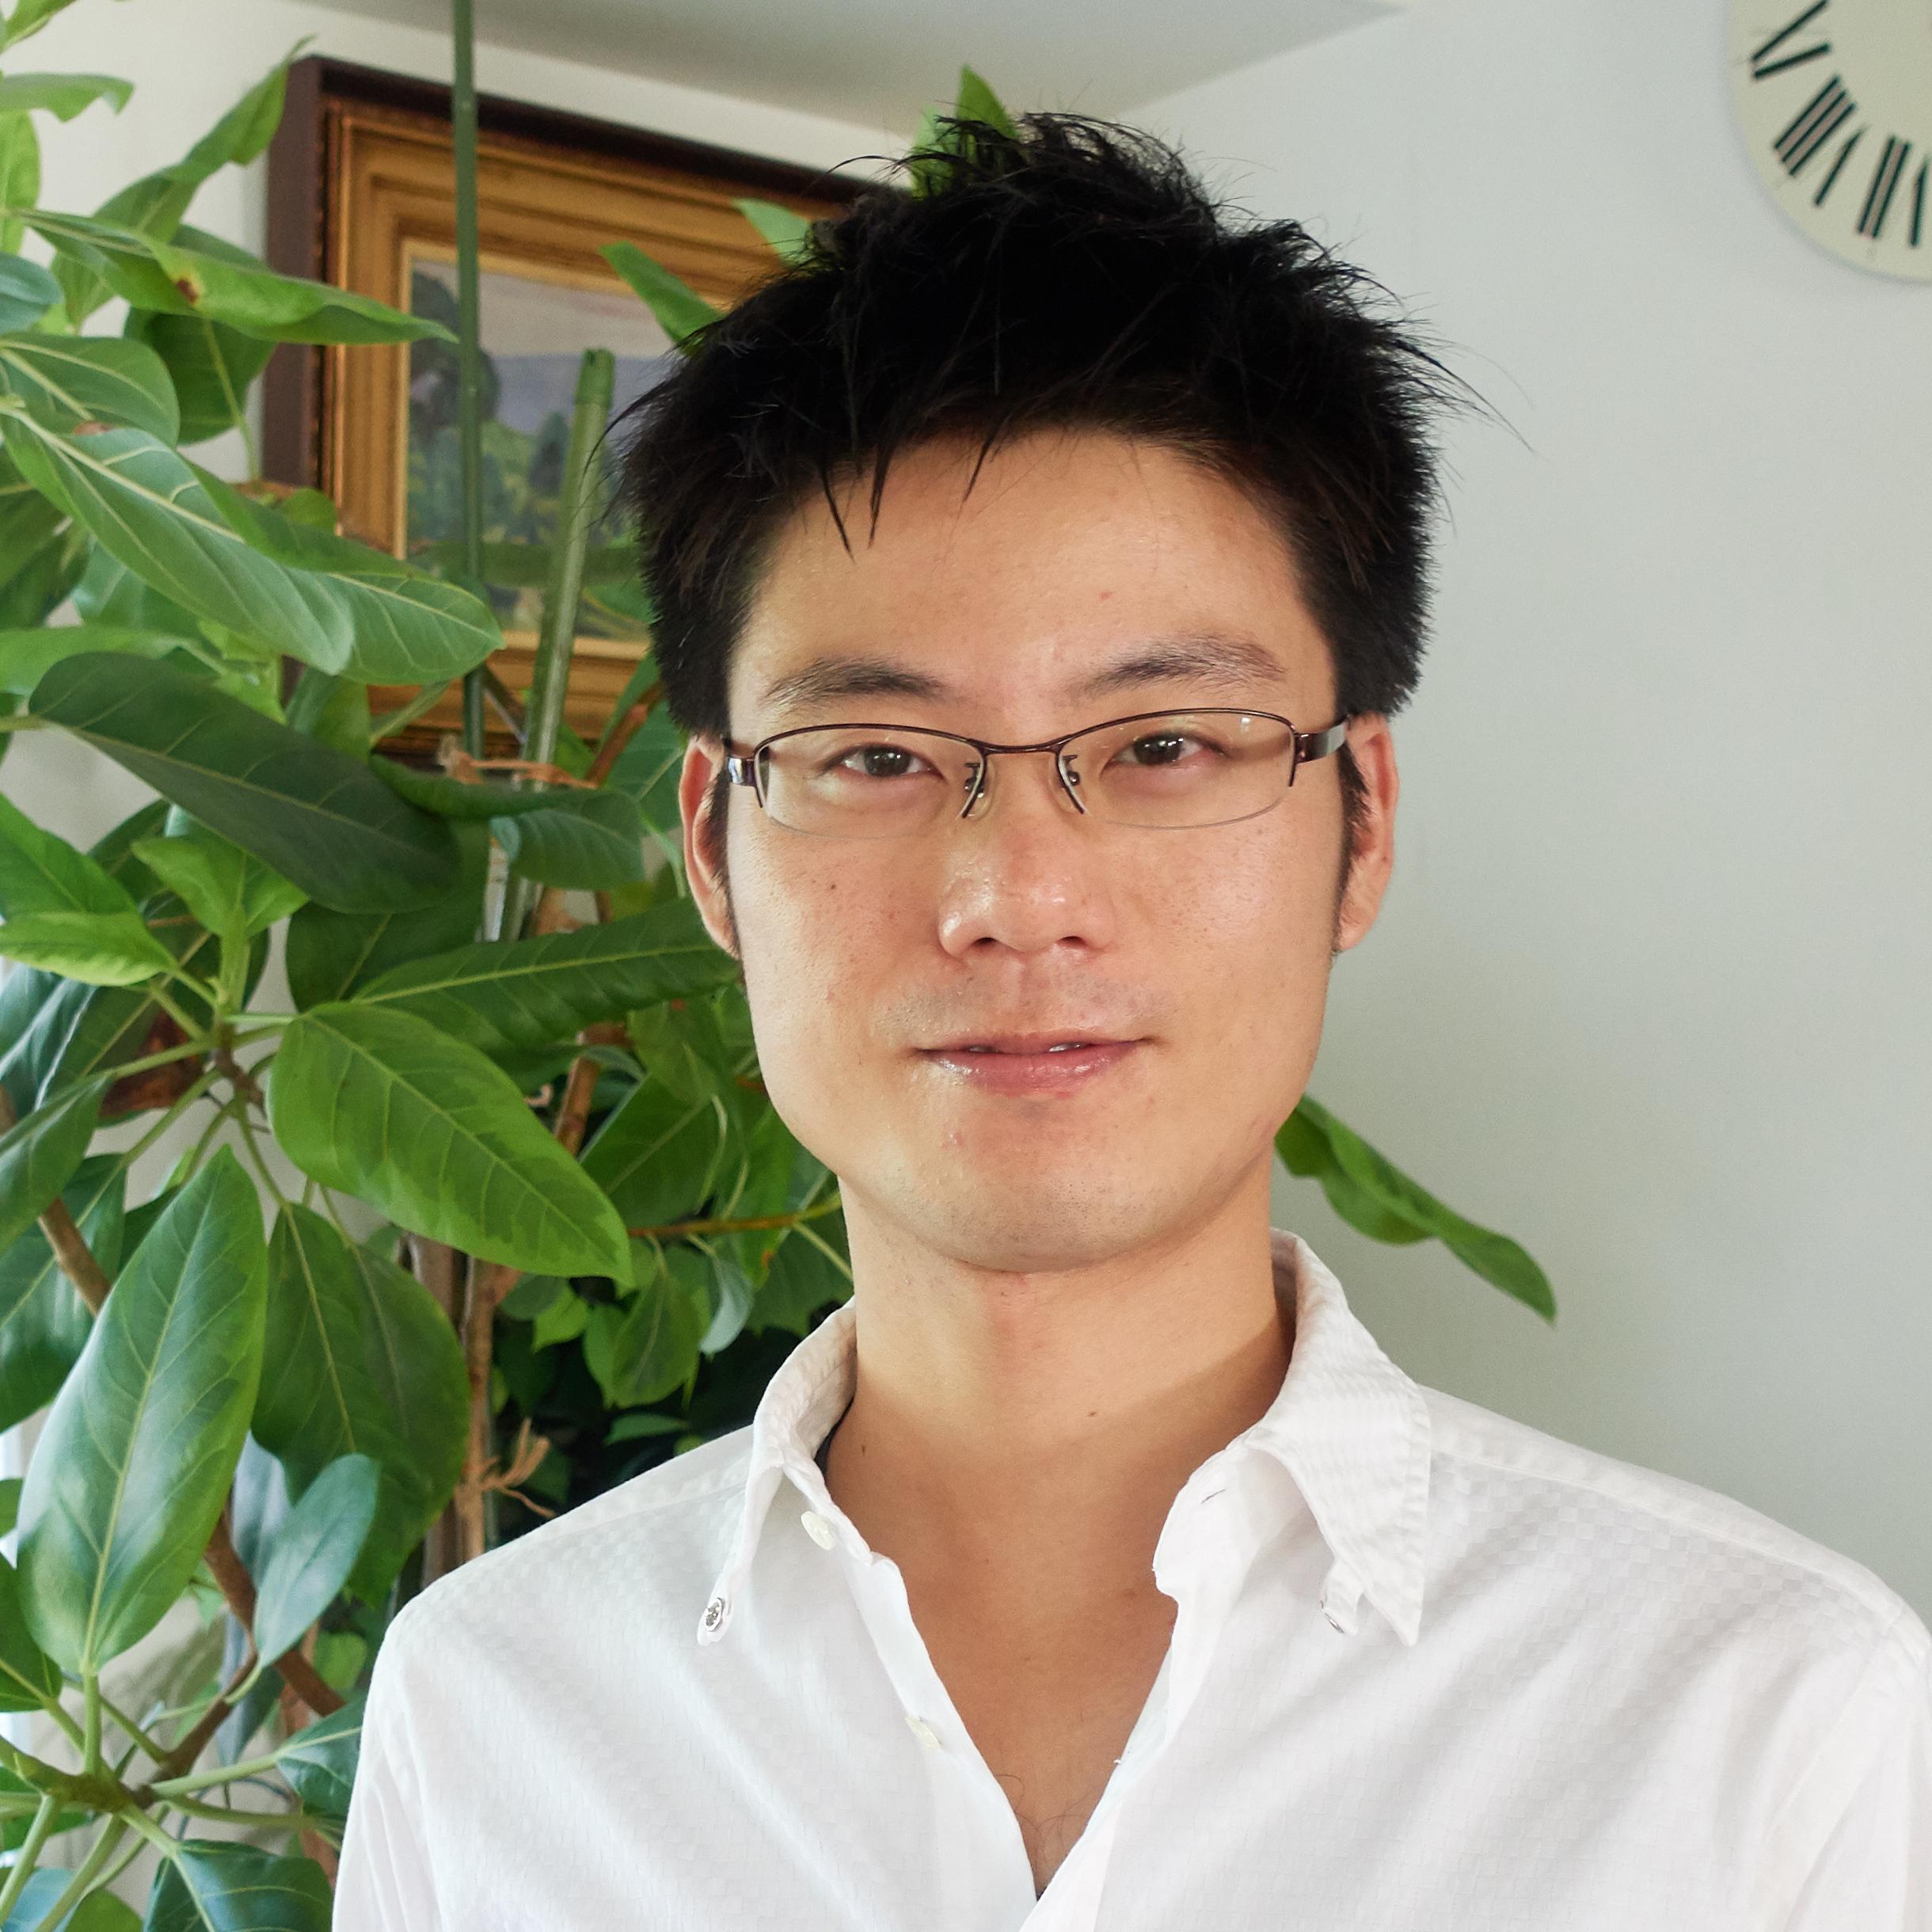 Akihiko (Aki) Nishimura